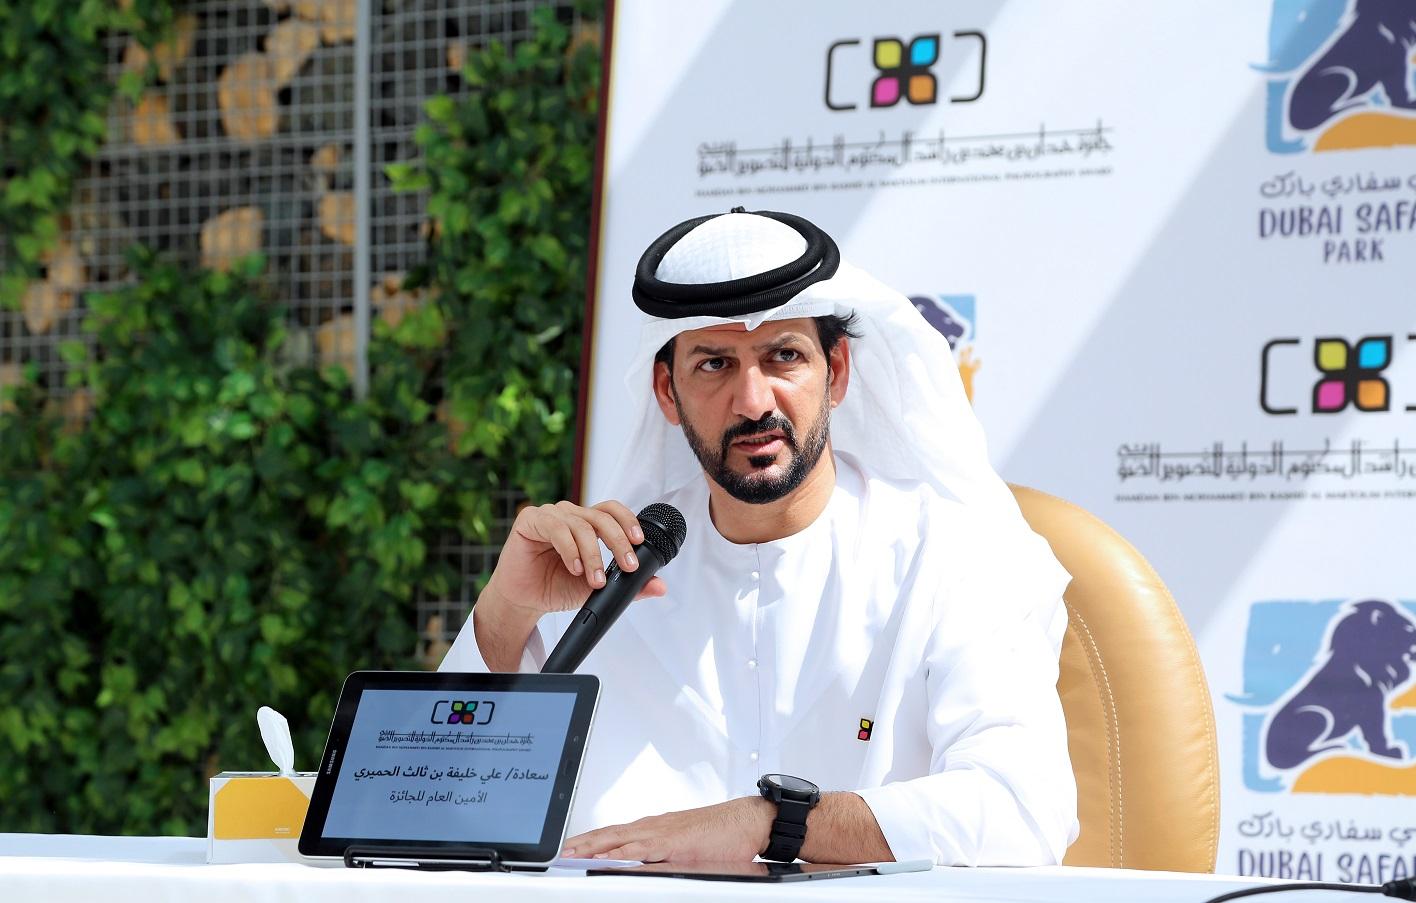 """جائزة حمدان بن محمد الدولية للتصوير تعلن عن شراكةٍ استراتيجية مع """"دبي سفاري بارك"""""""